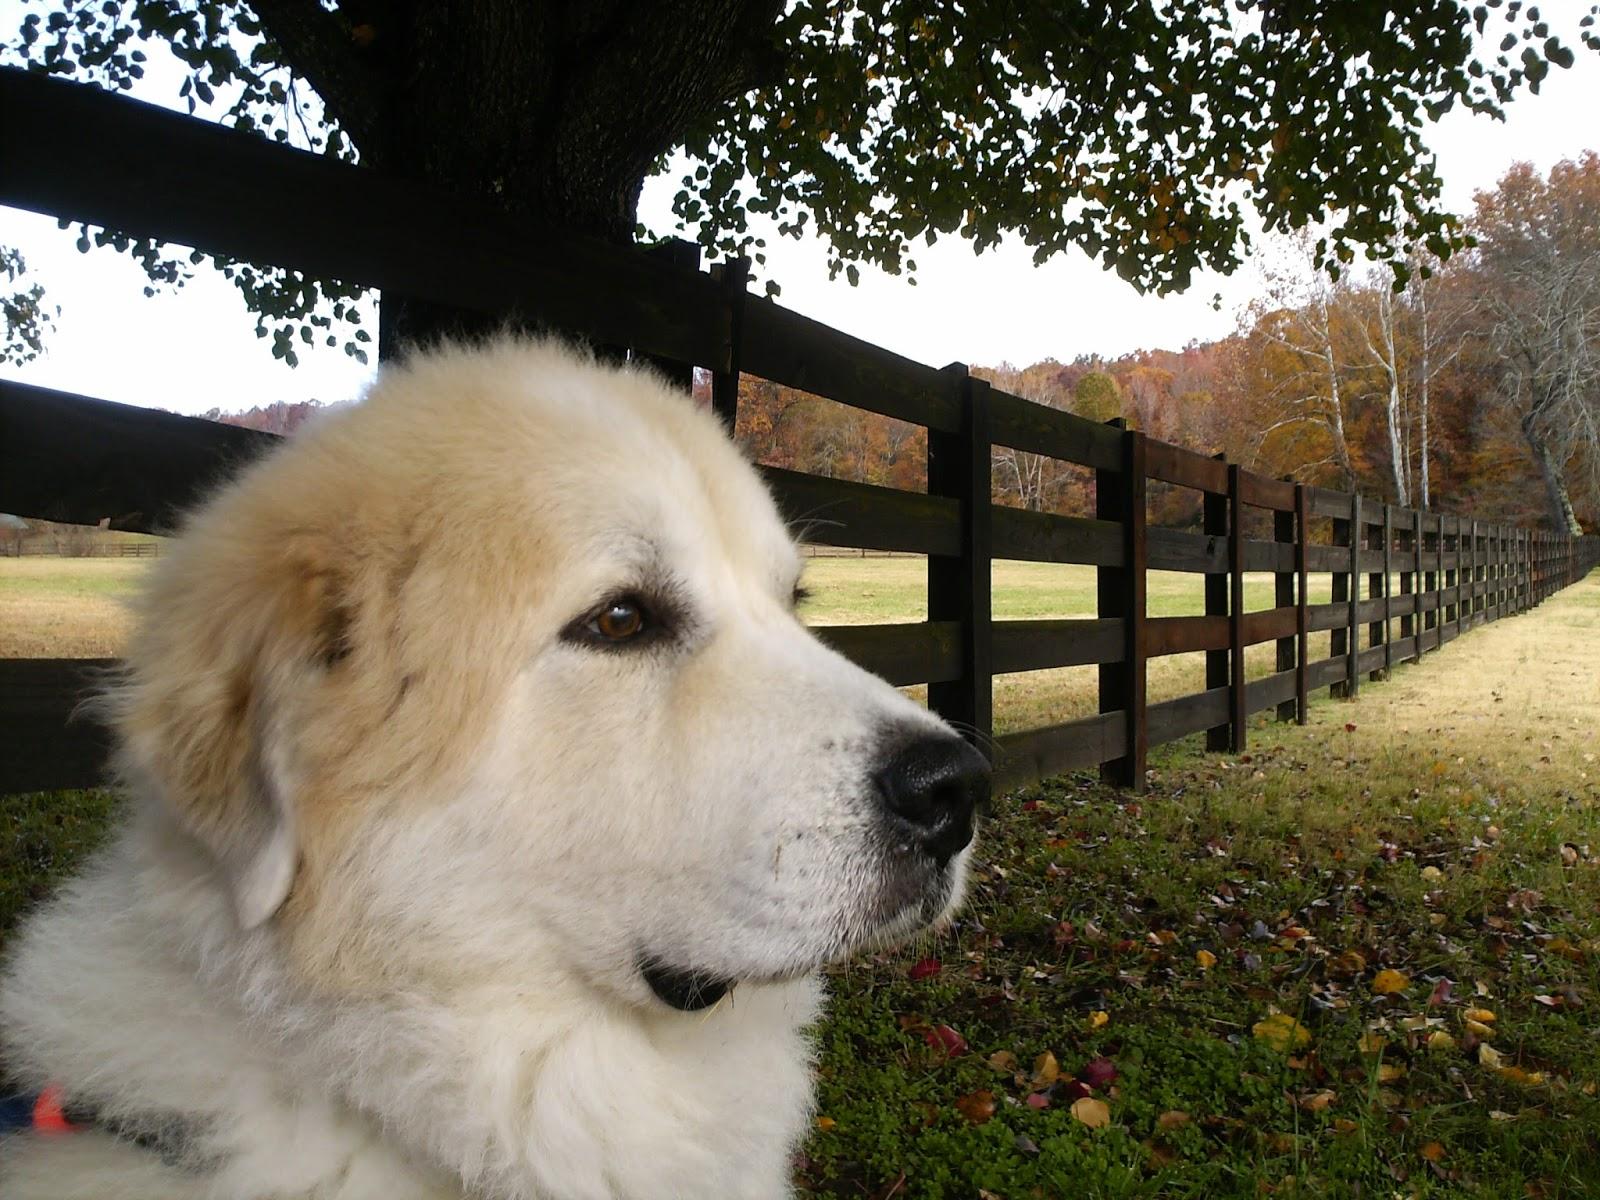 Resultado de imagen para great pyrenees dog, in the laptop